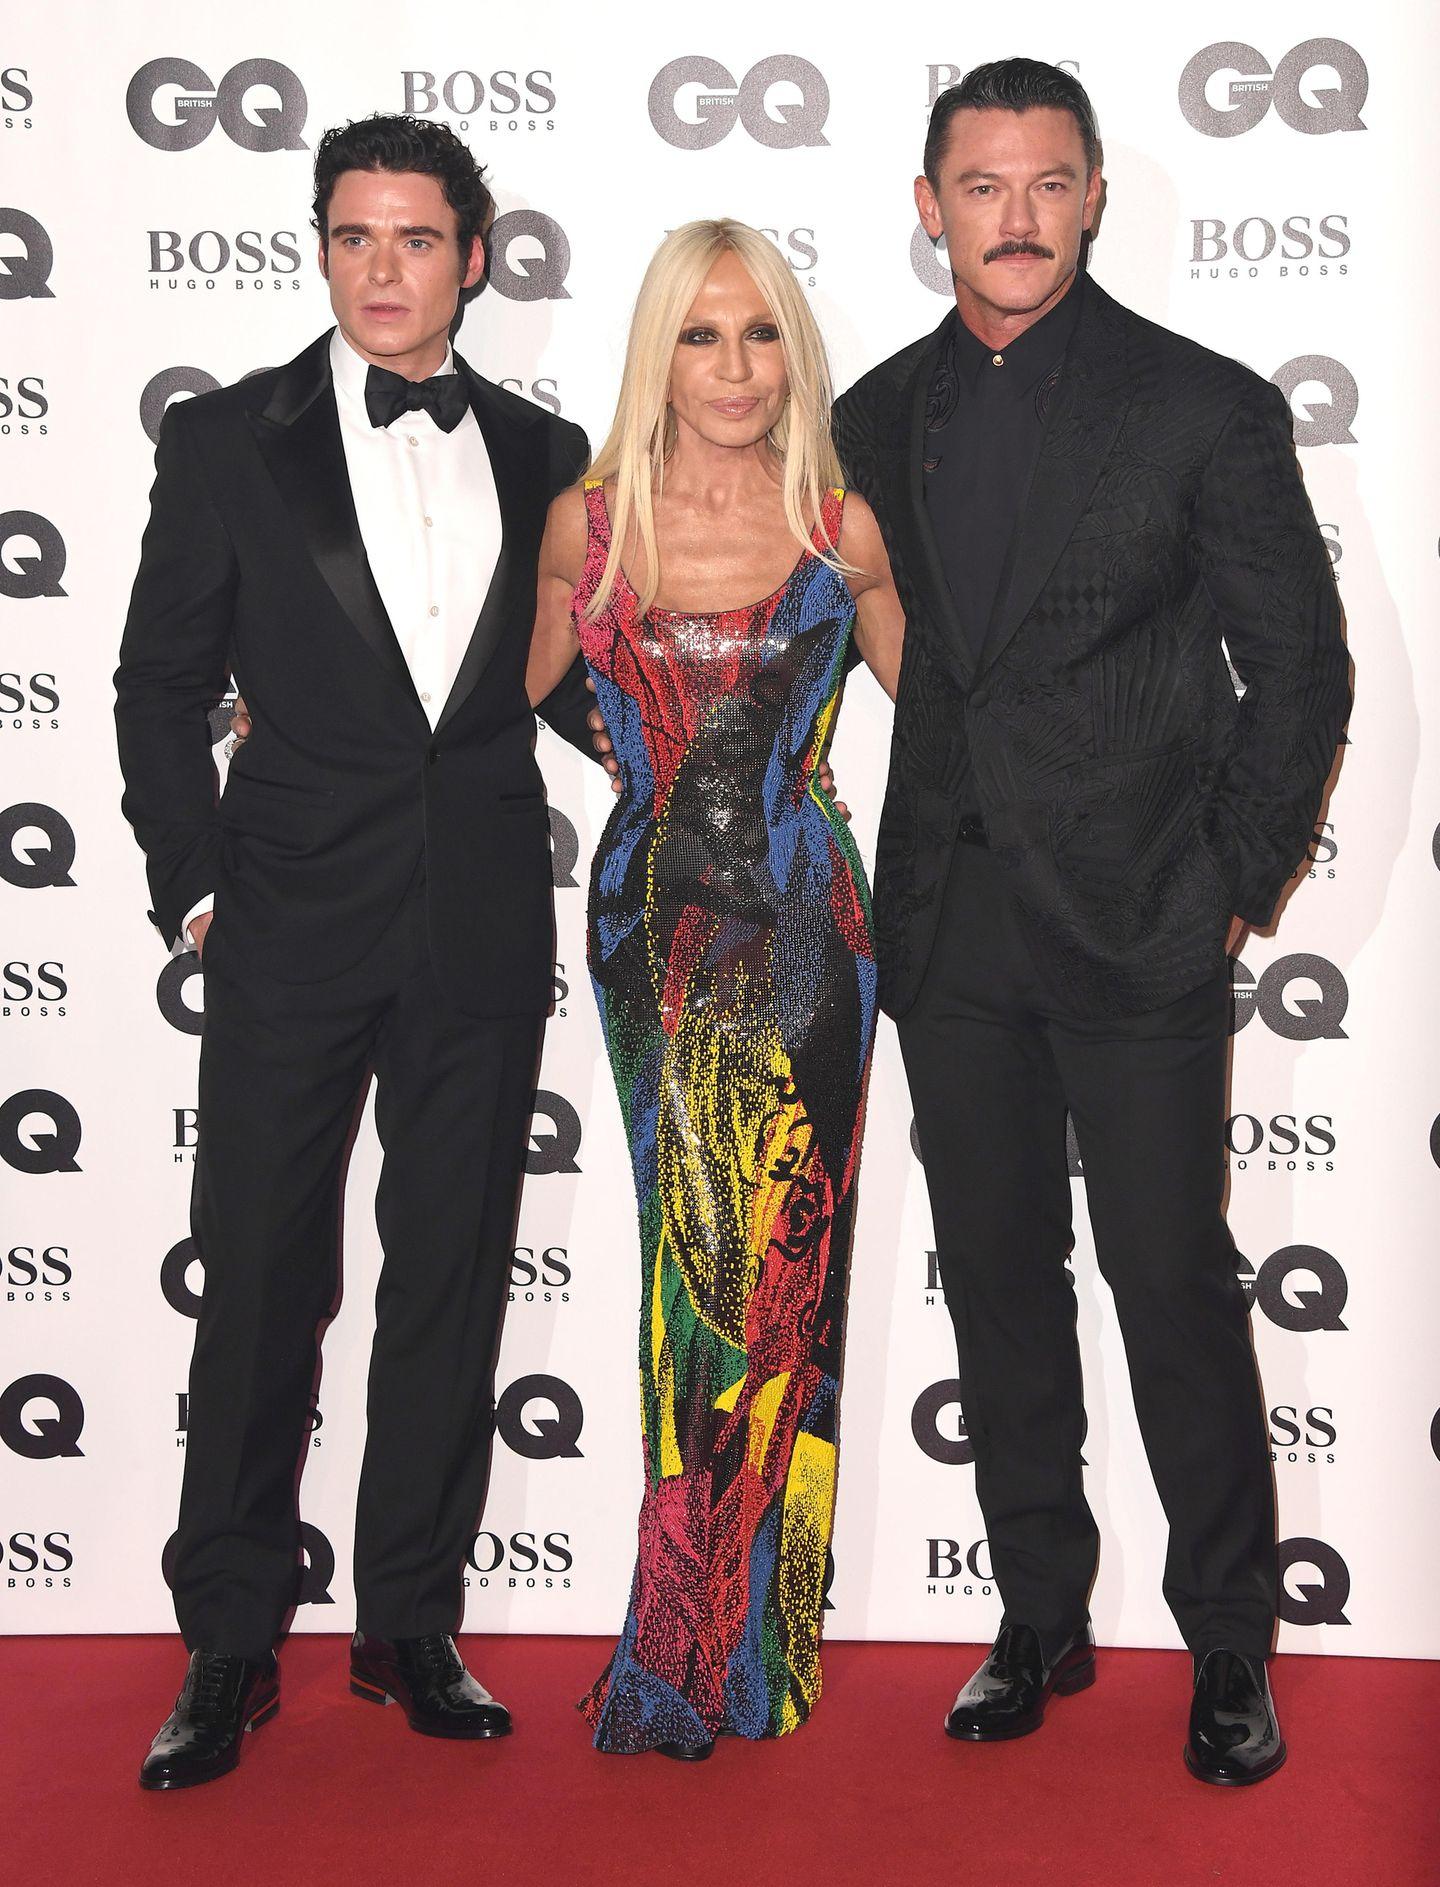 Designerin DonatellaVersace schmückte sich mit den SchauspielernRichard Madden (l.) undLuke Evans. Ihr buntes Kleid war selbstverständlich eine Eigenkreation.